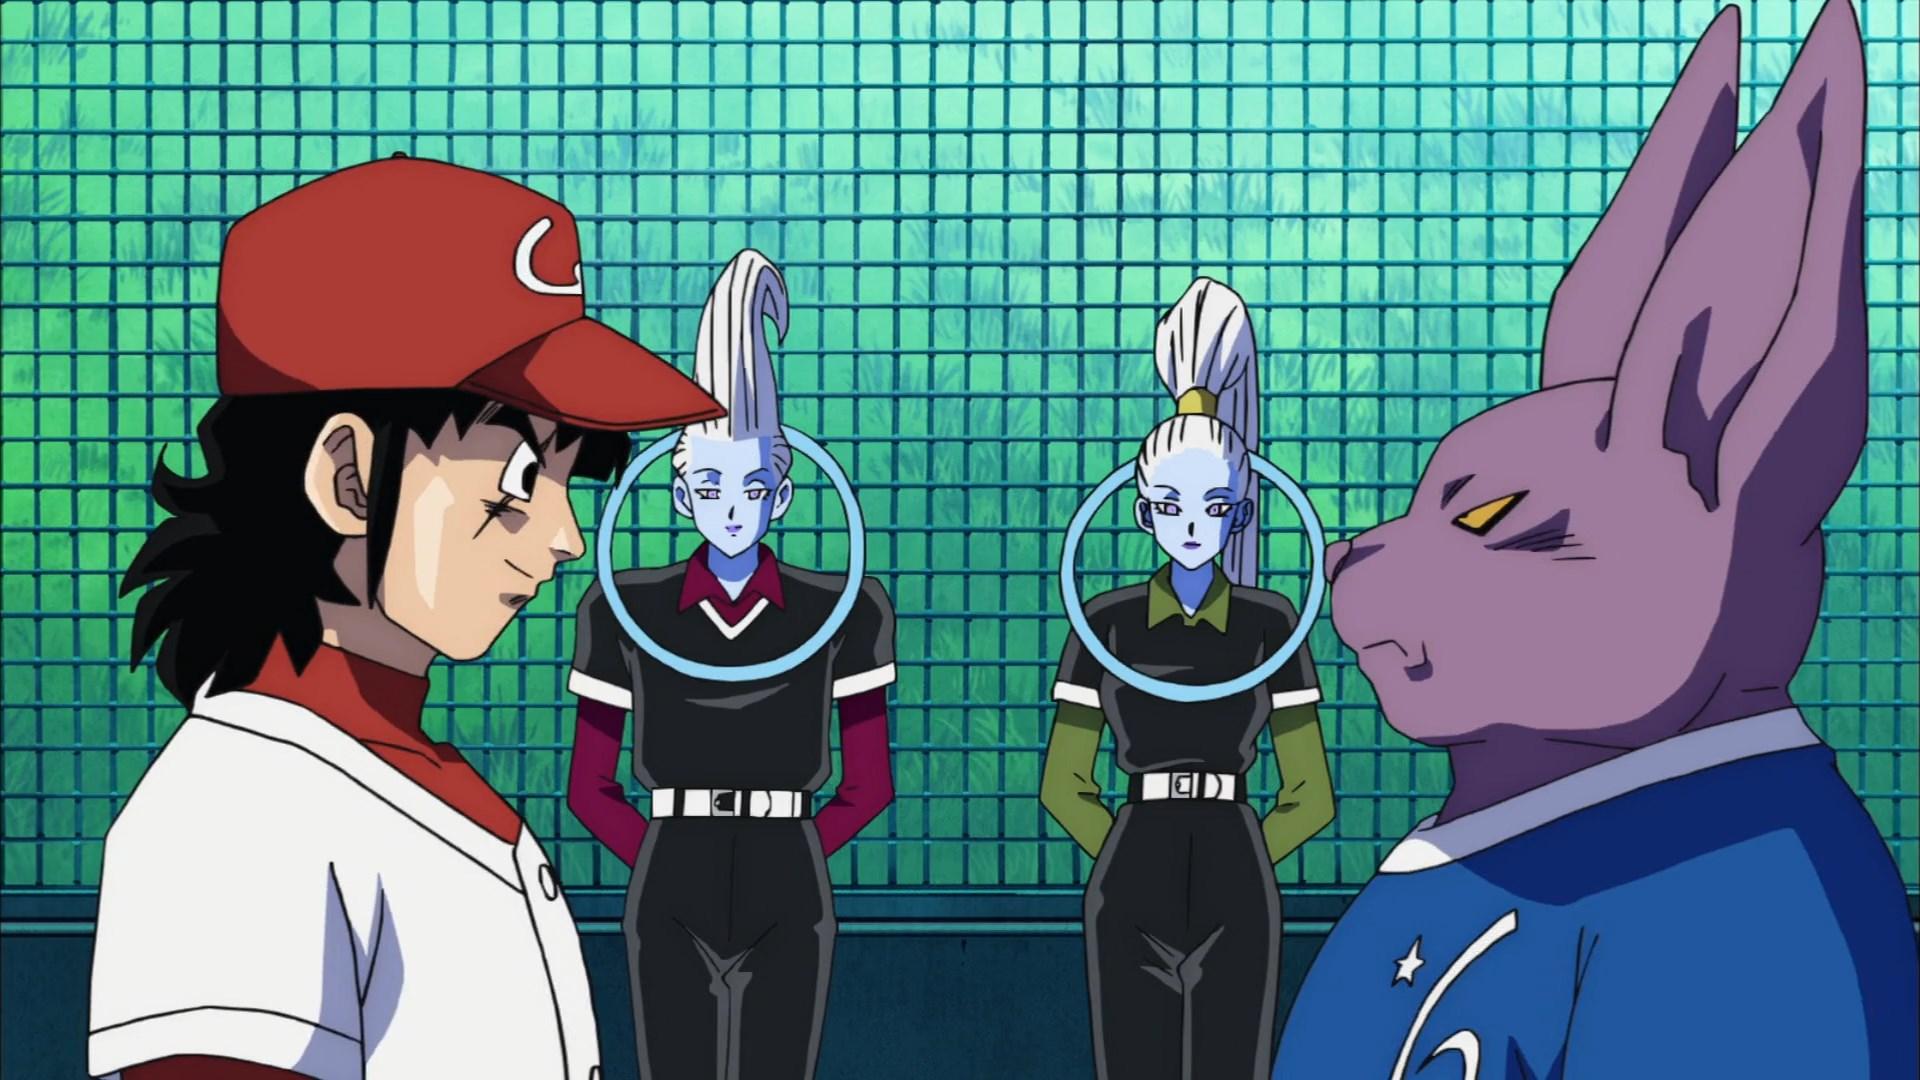 [DS] Dragon Ball Super 070 [1080p].mkv_snapshot_04.38_[2016.12.11_03.36.18]